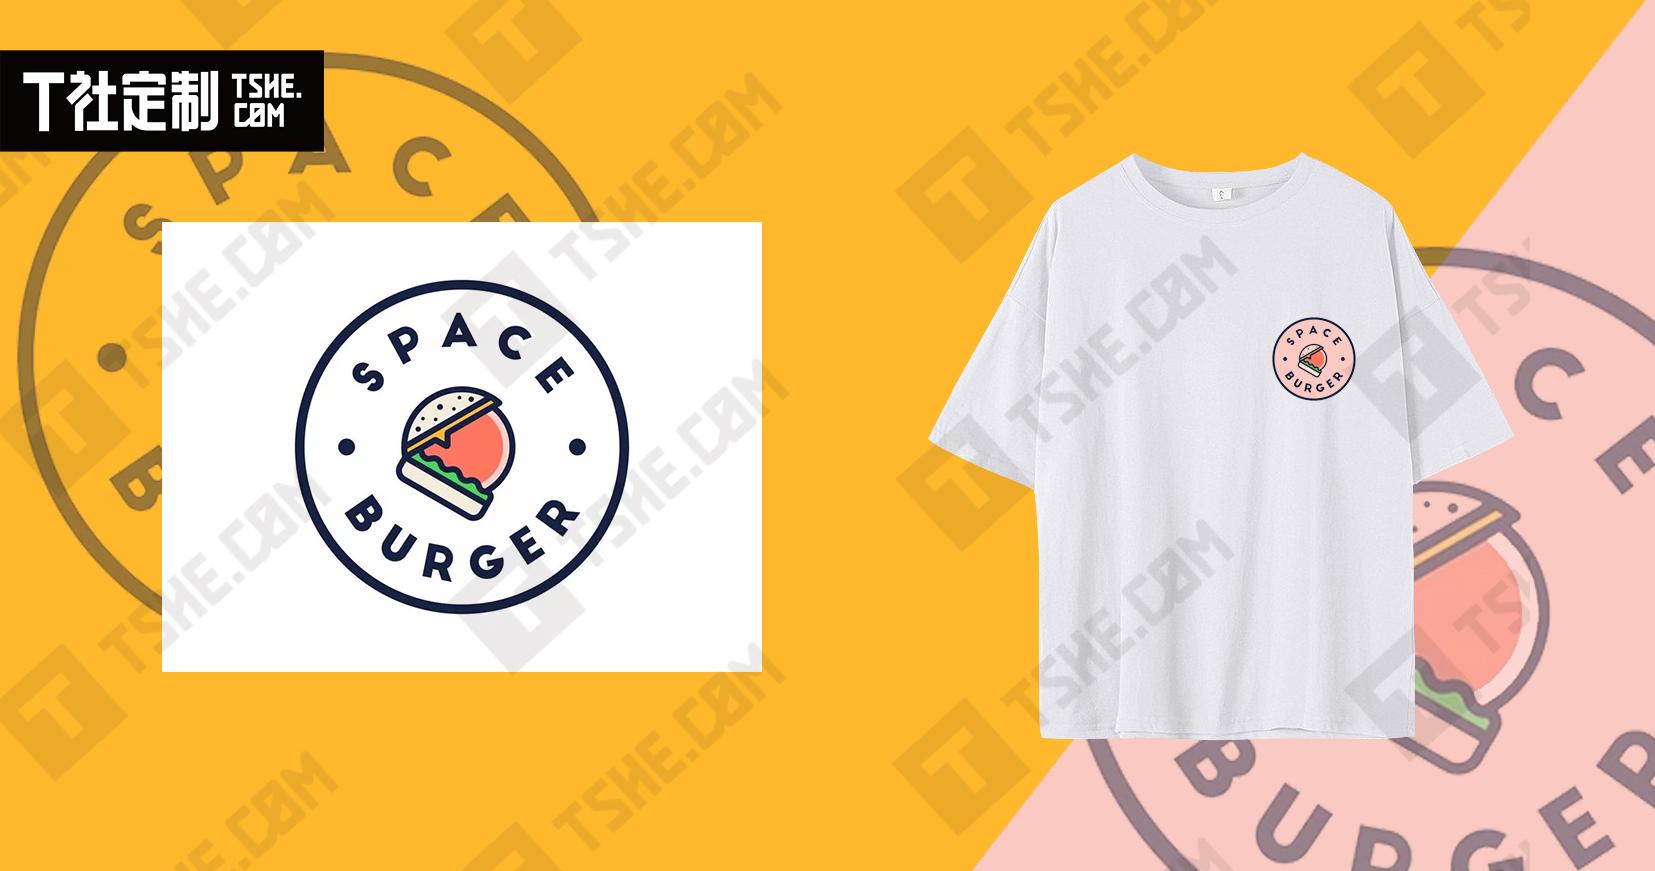 这些美食logo文化衫创意设计图片你见过吗?带你激发灵感